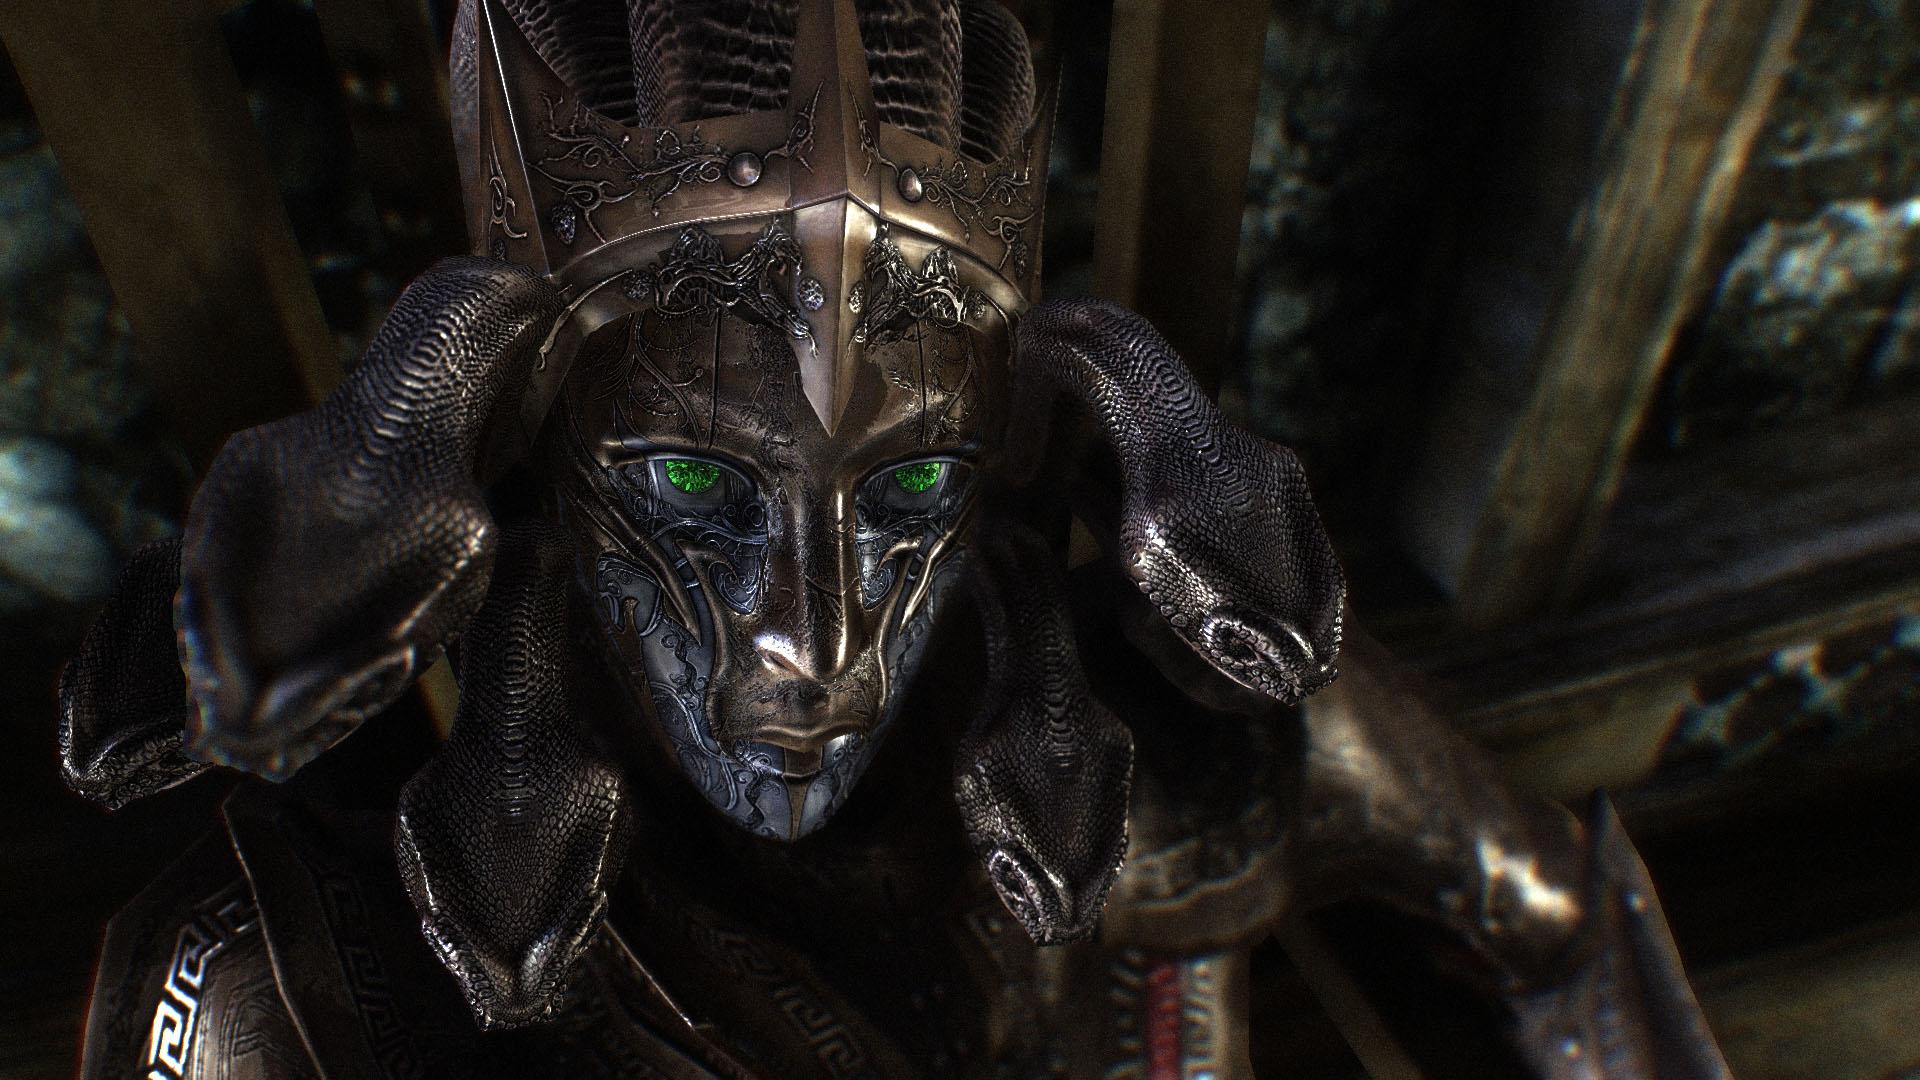 Medusa Armor In Skyrim by Zerofrust